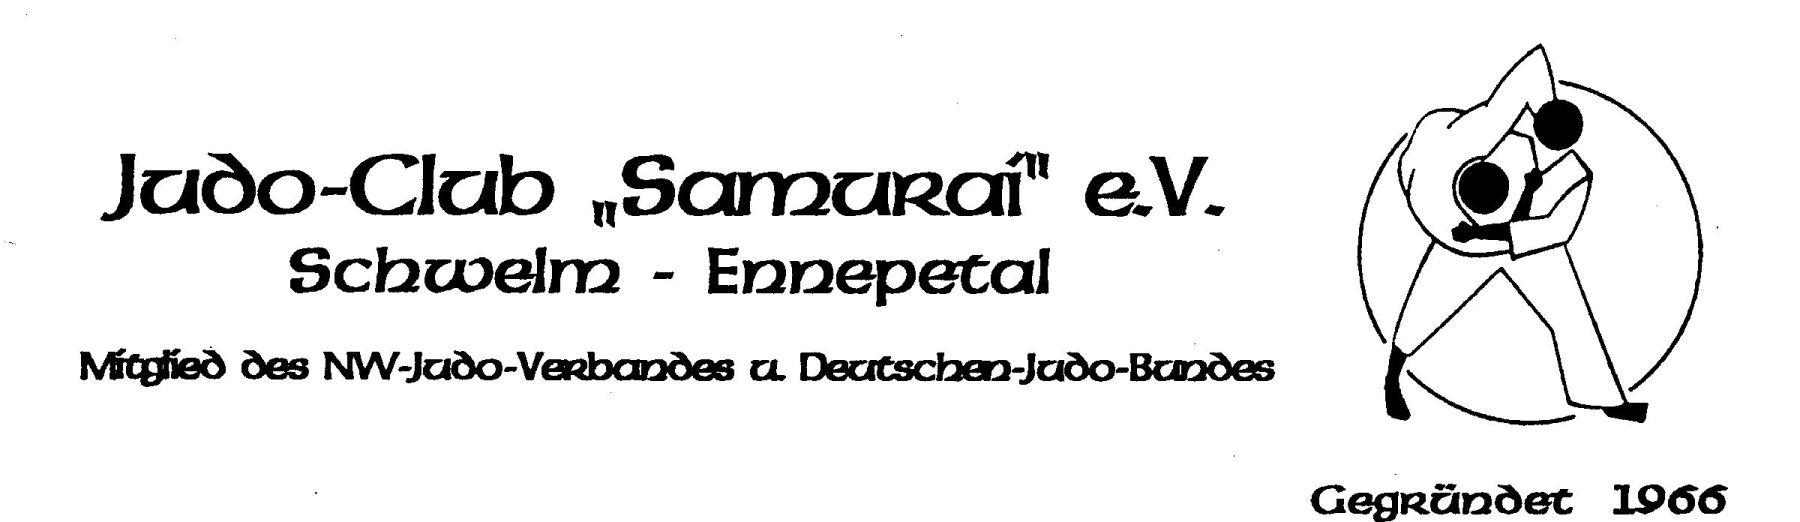 Judo-Club Samurai e.V. Schwelm – Ennepetal